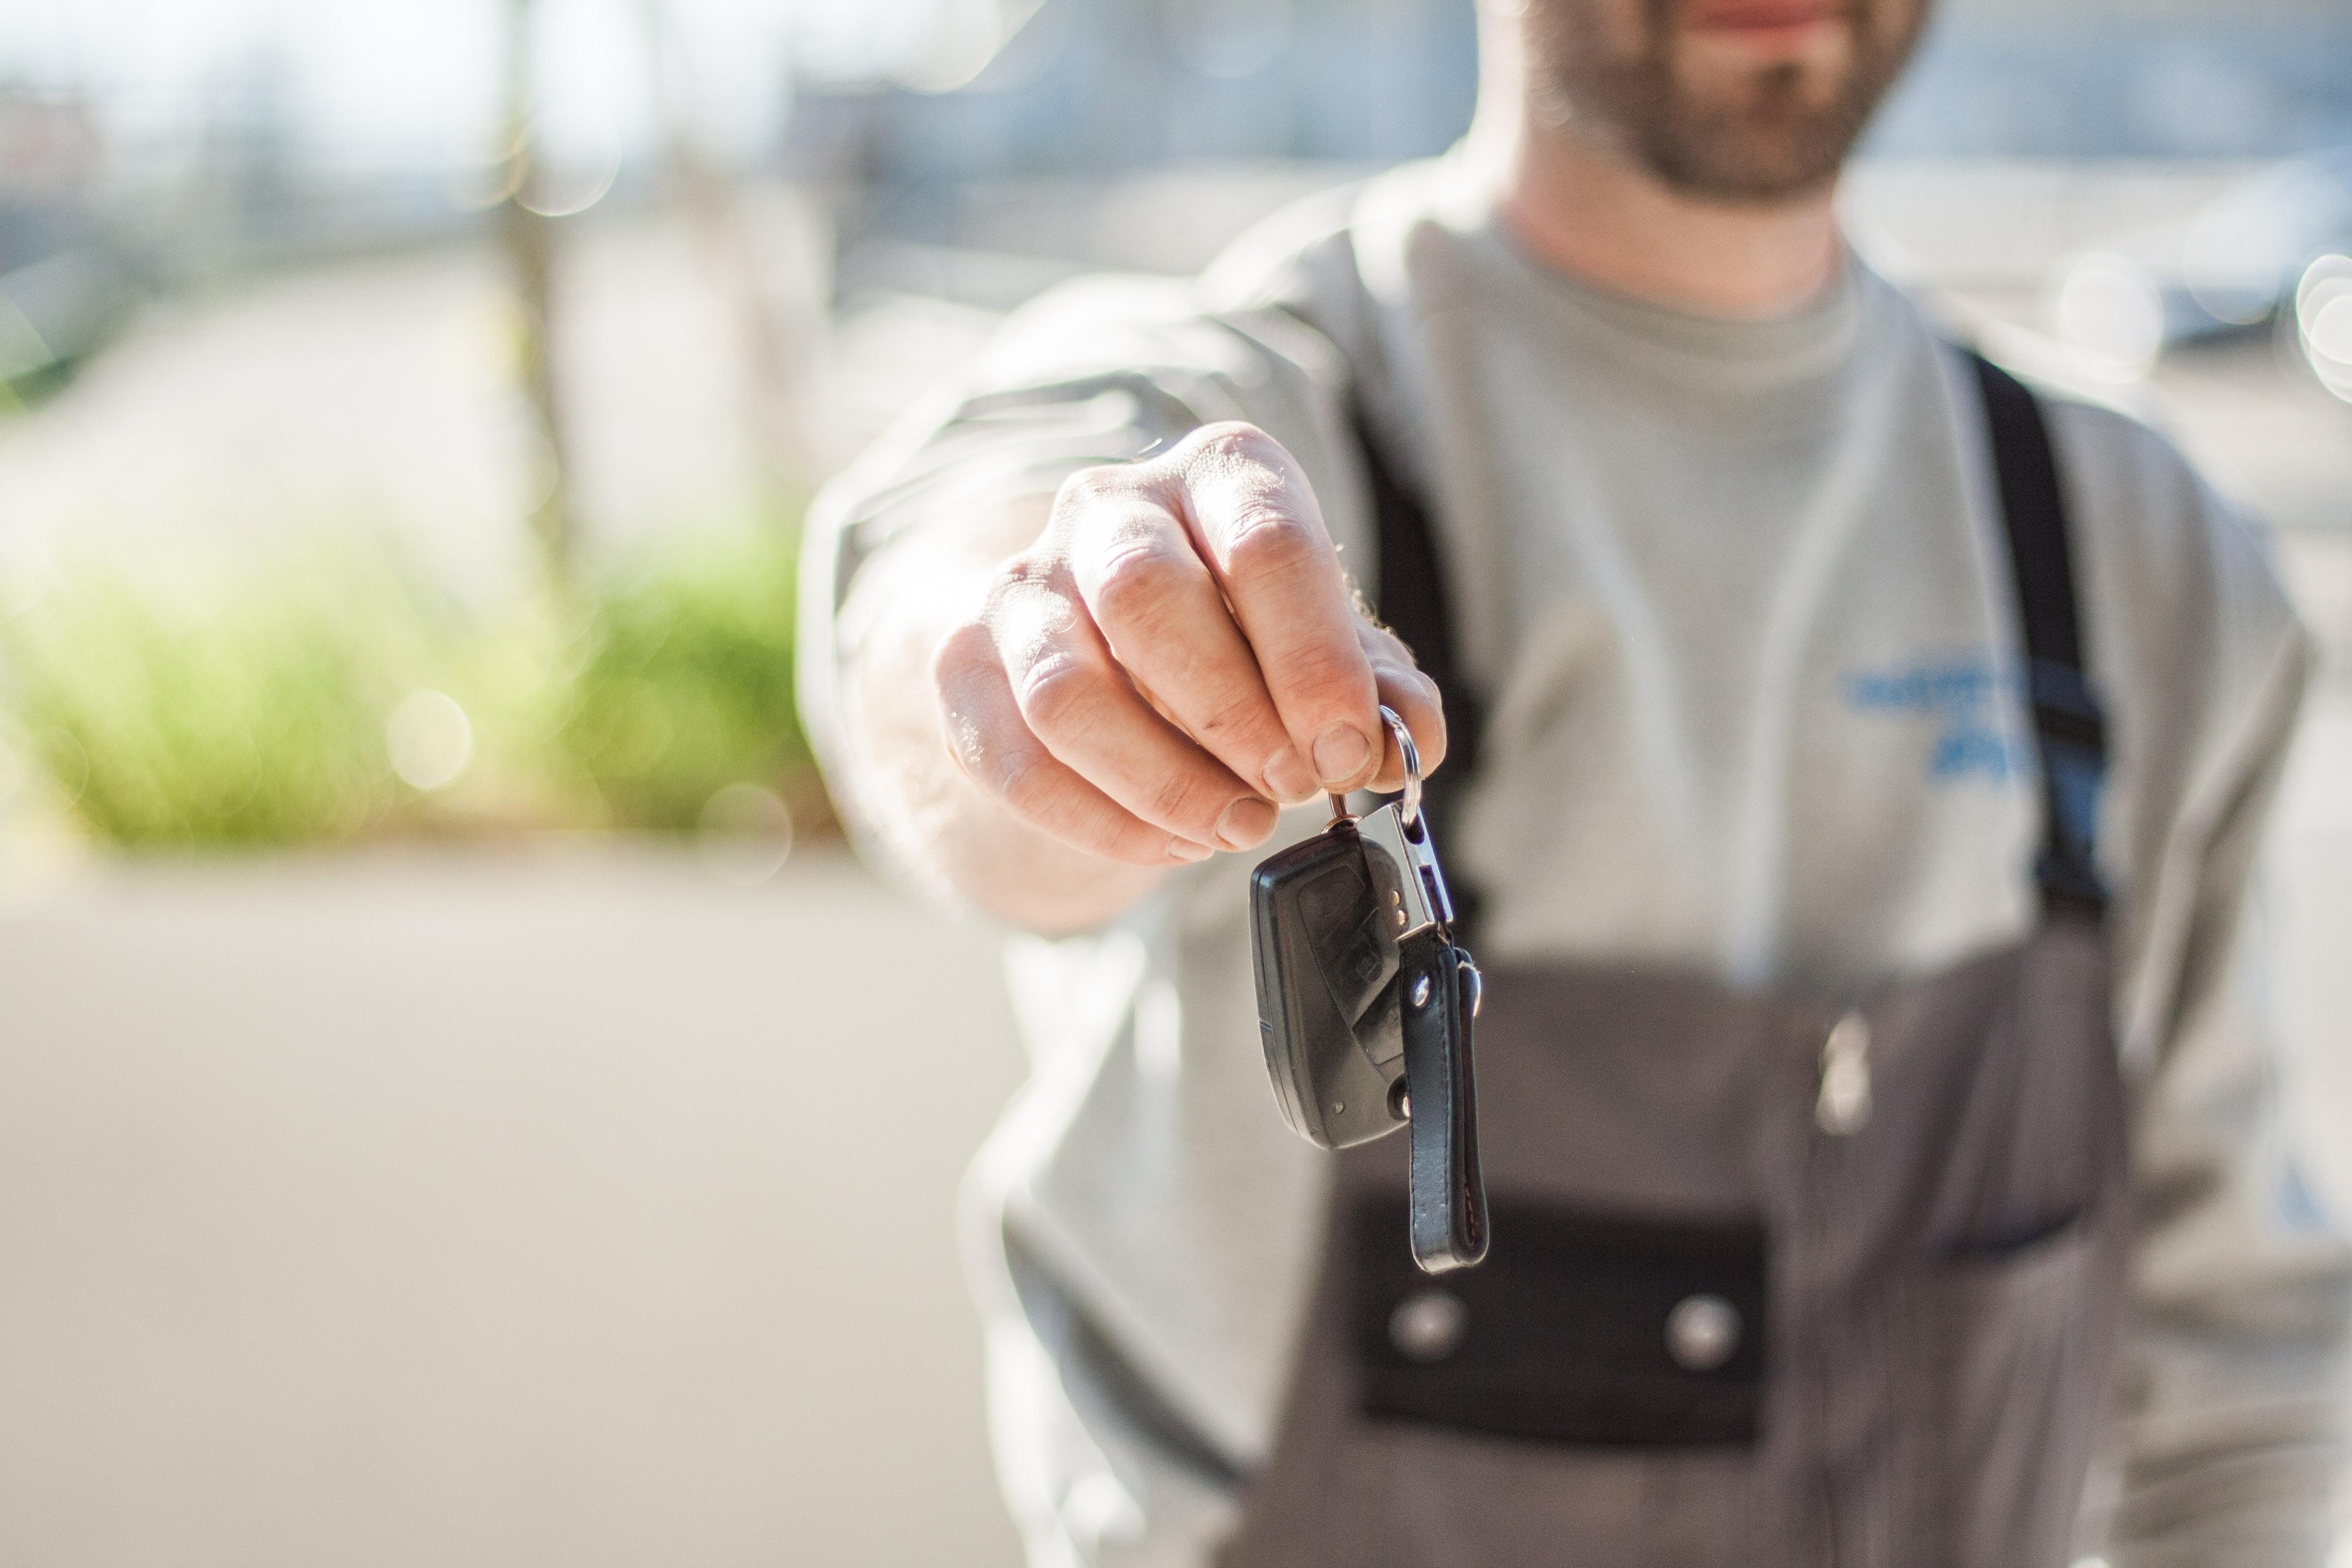 How to Run an Auto Repair Shop Successfully